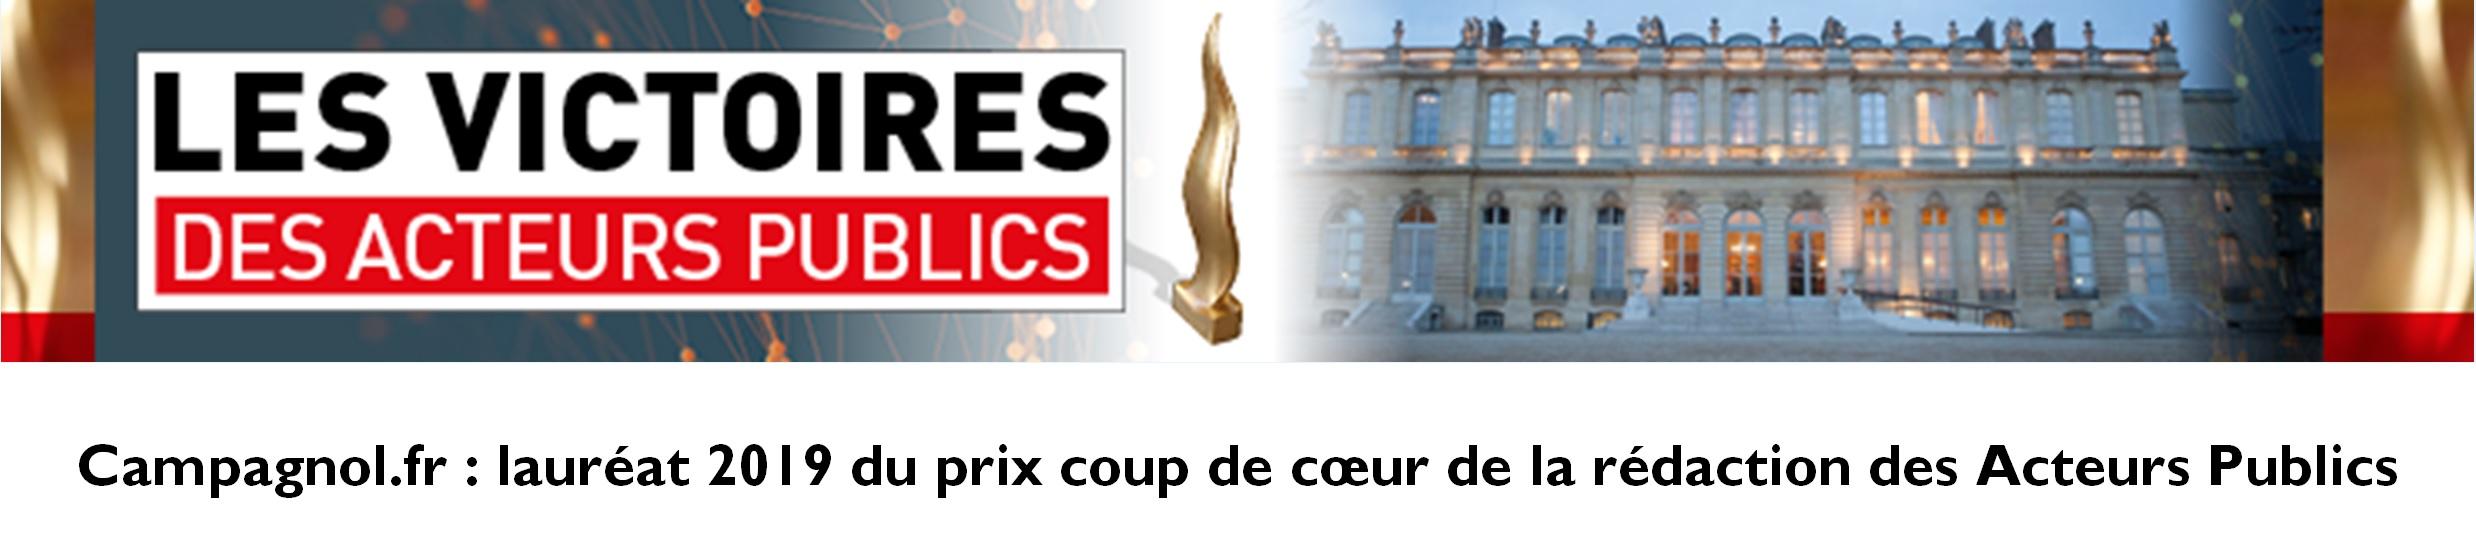 Campagnol.fr lauréat 2019 du prix coup de cœur de la rédaction des acteurs publics